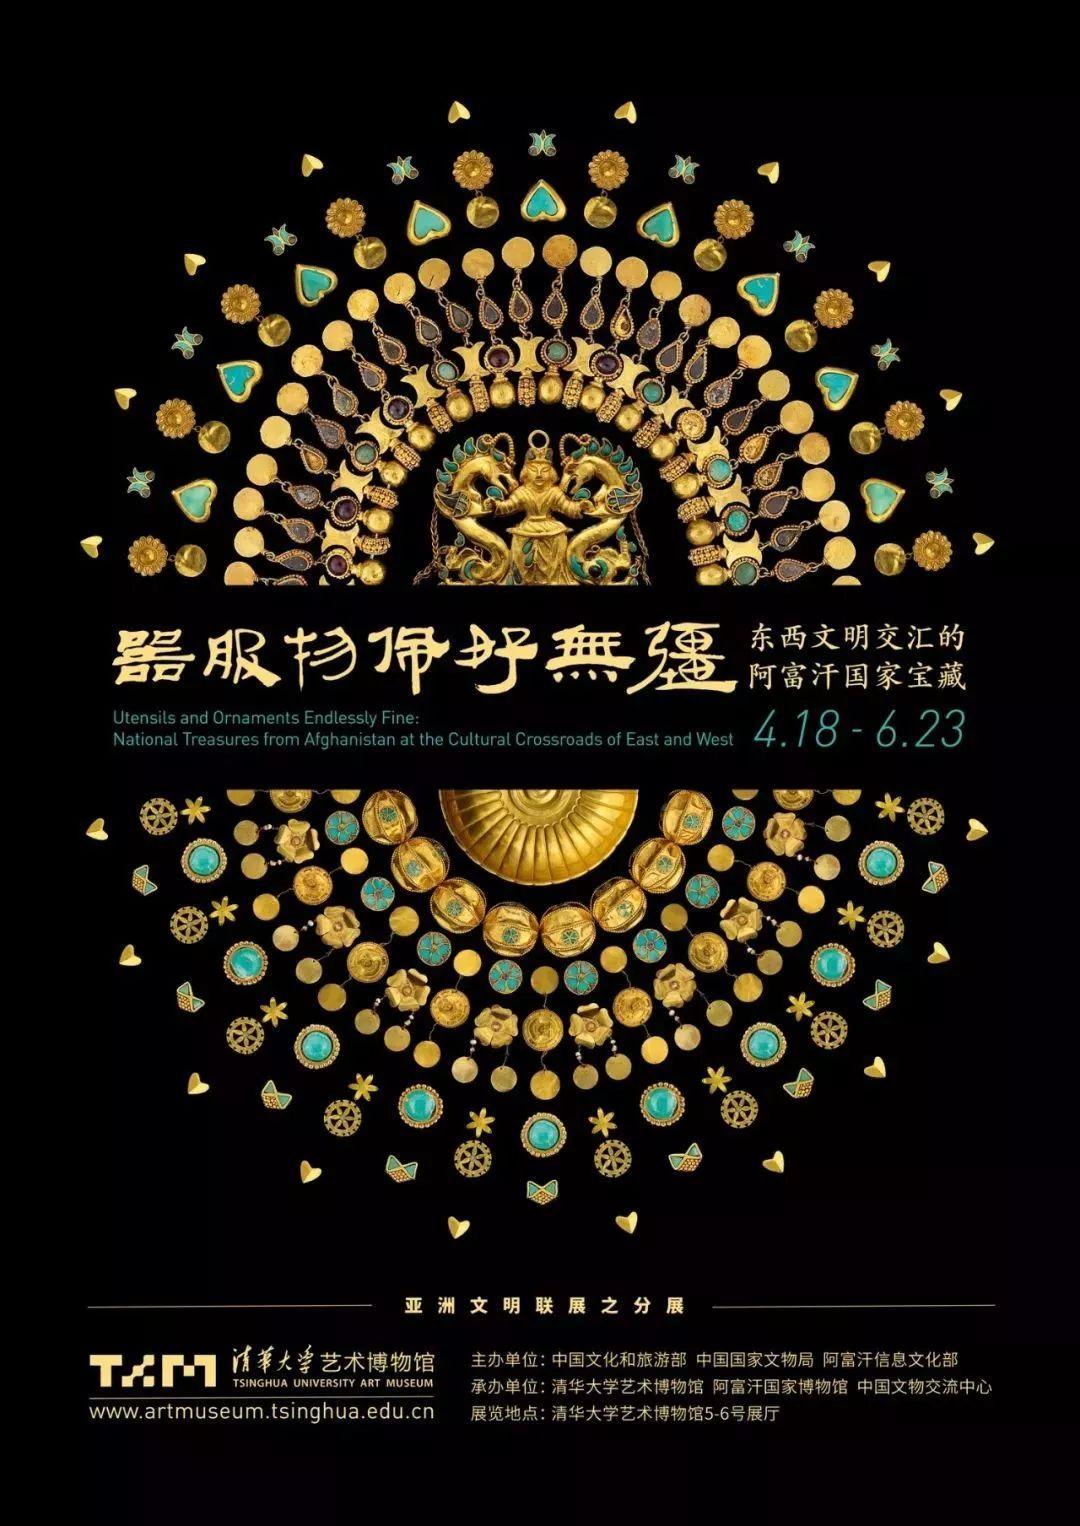 清华大学艺术博物馆